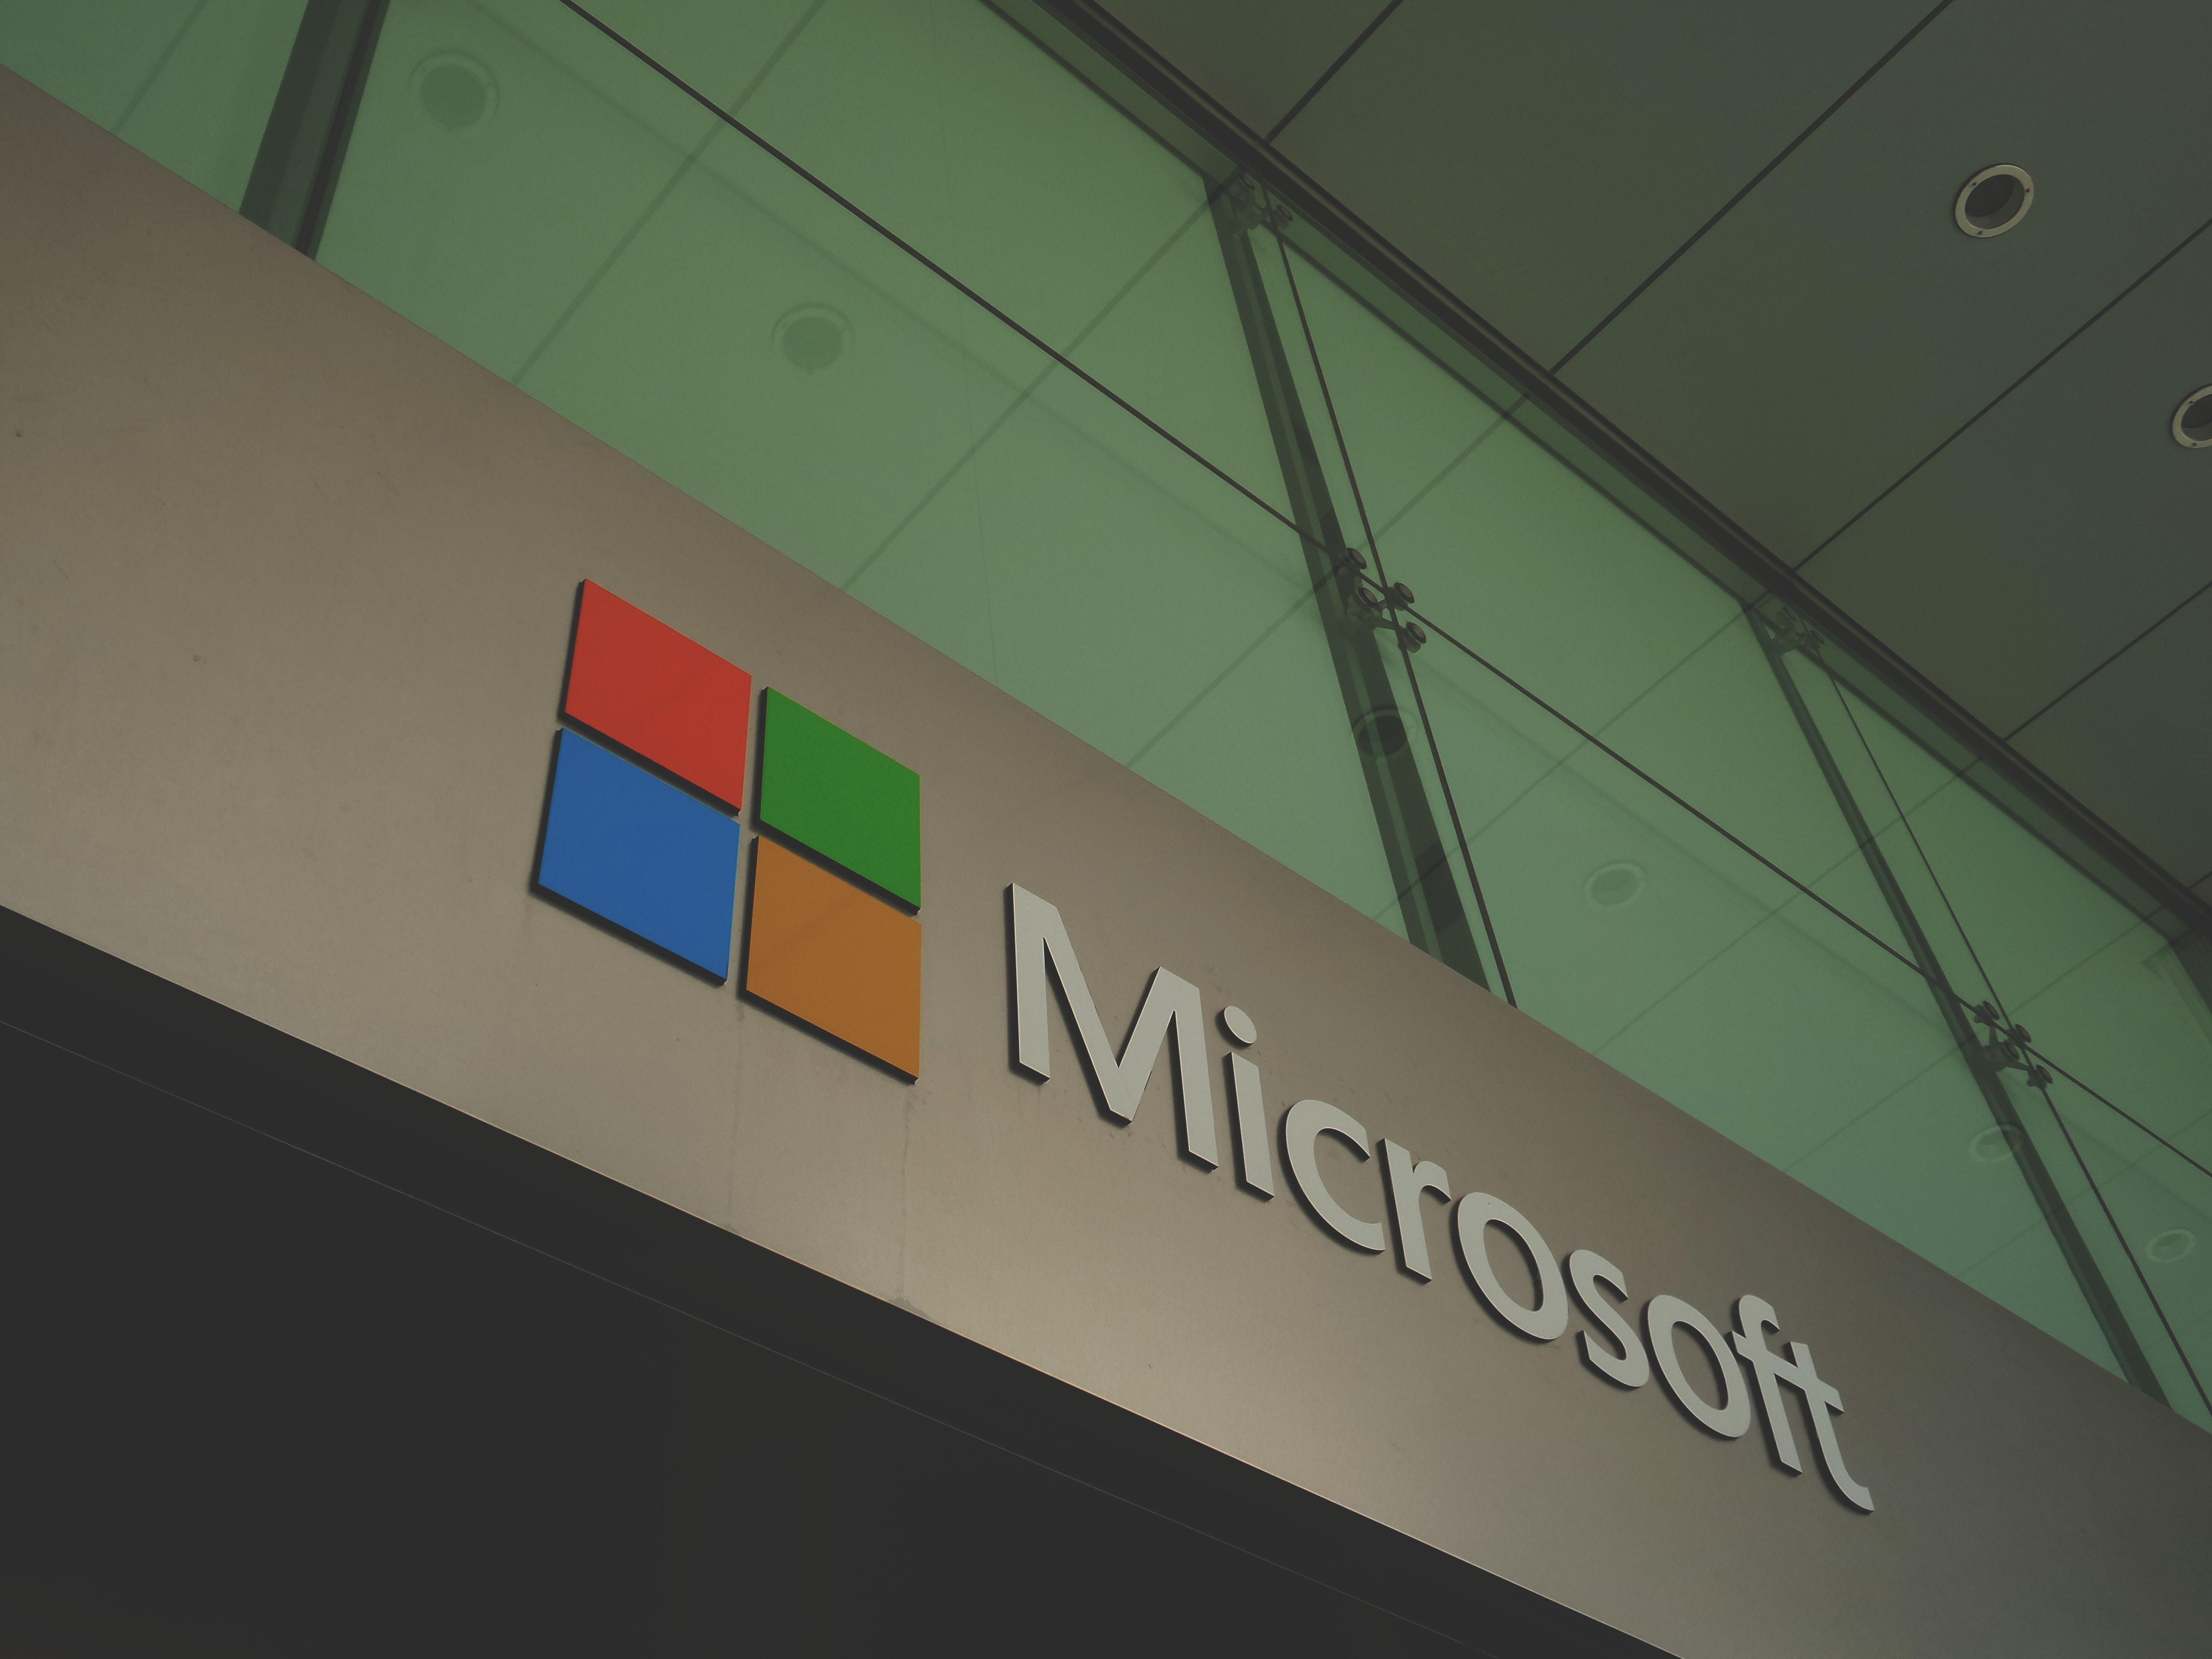 Microsoft Acquires a Big Data Company